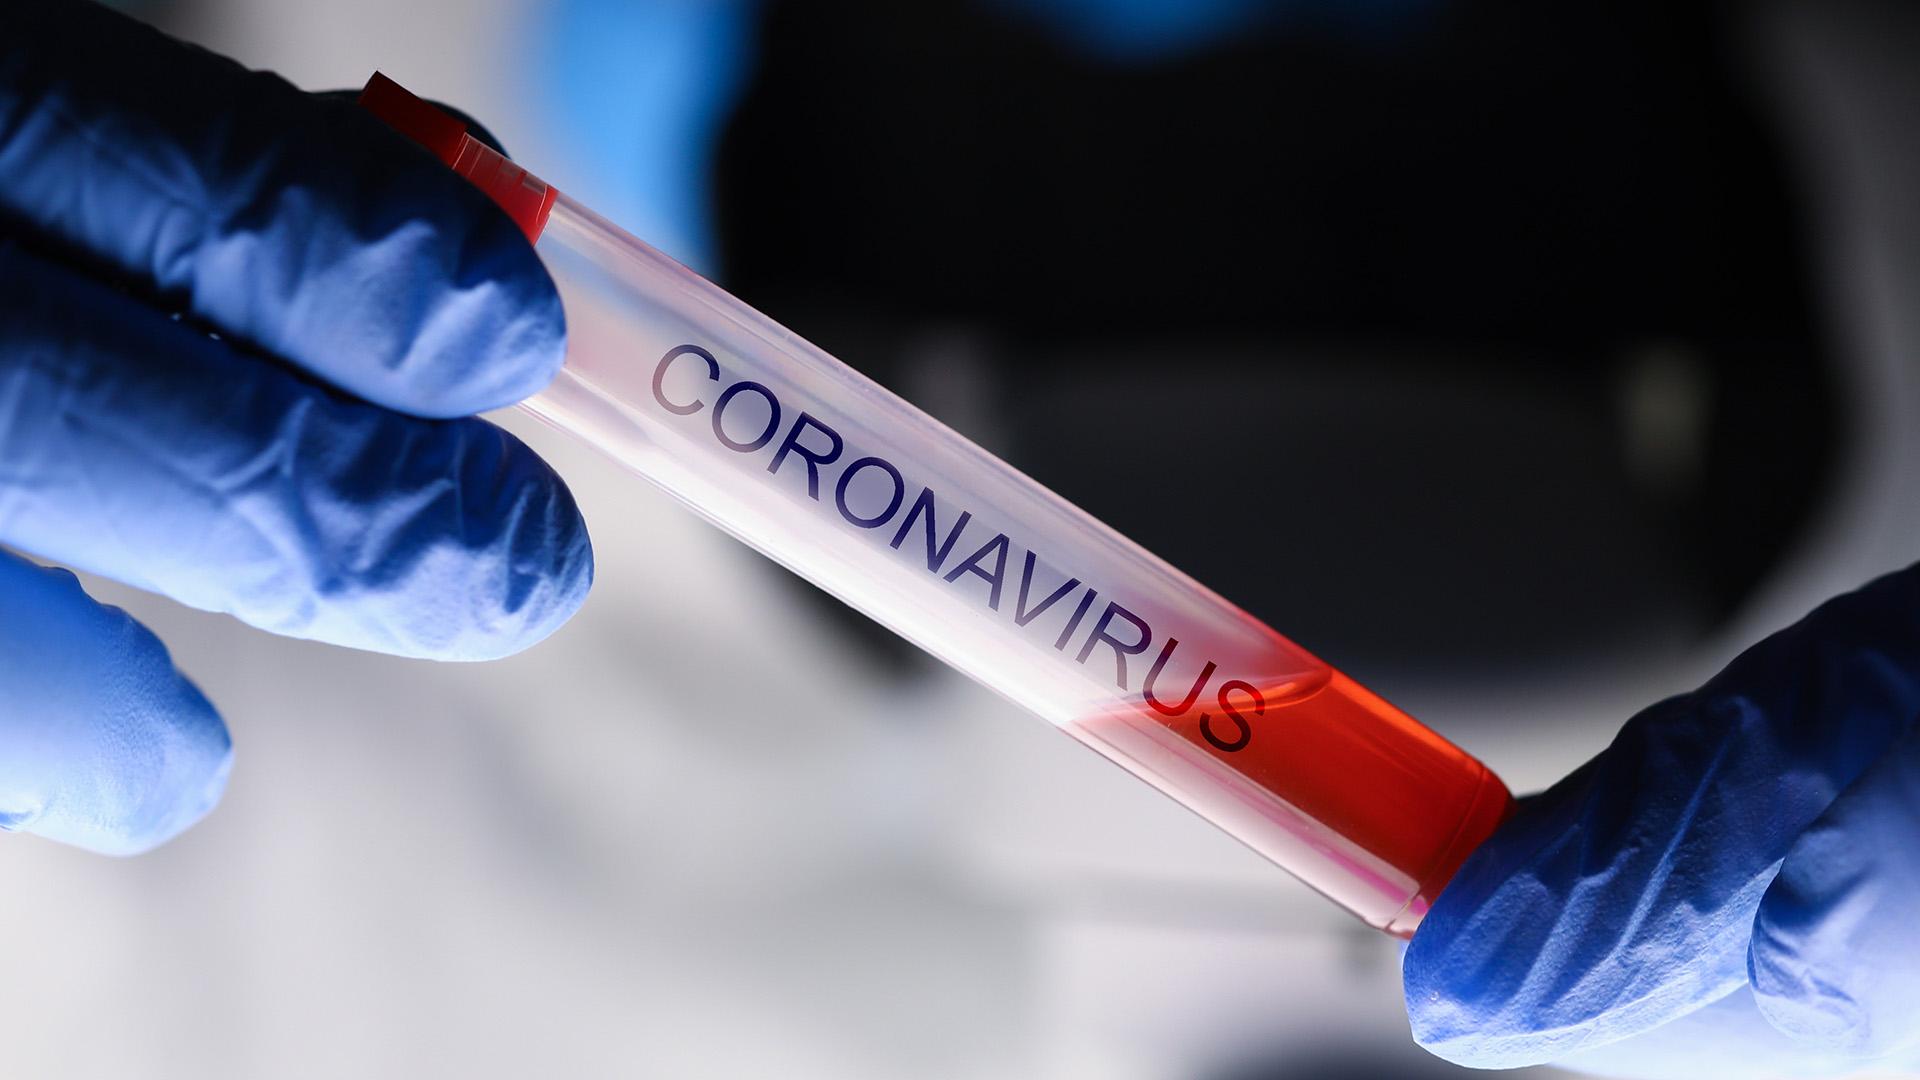 20kw10_Coronavirus_318626682